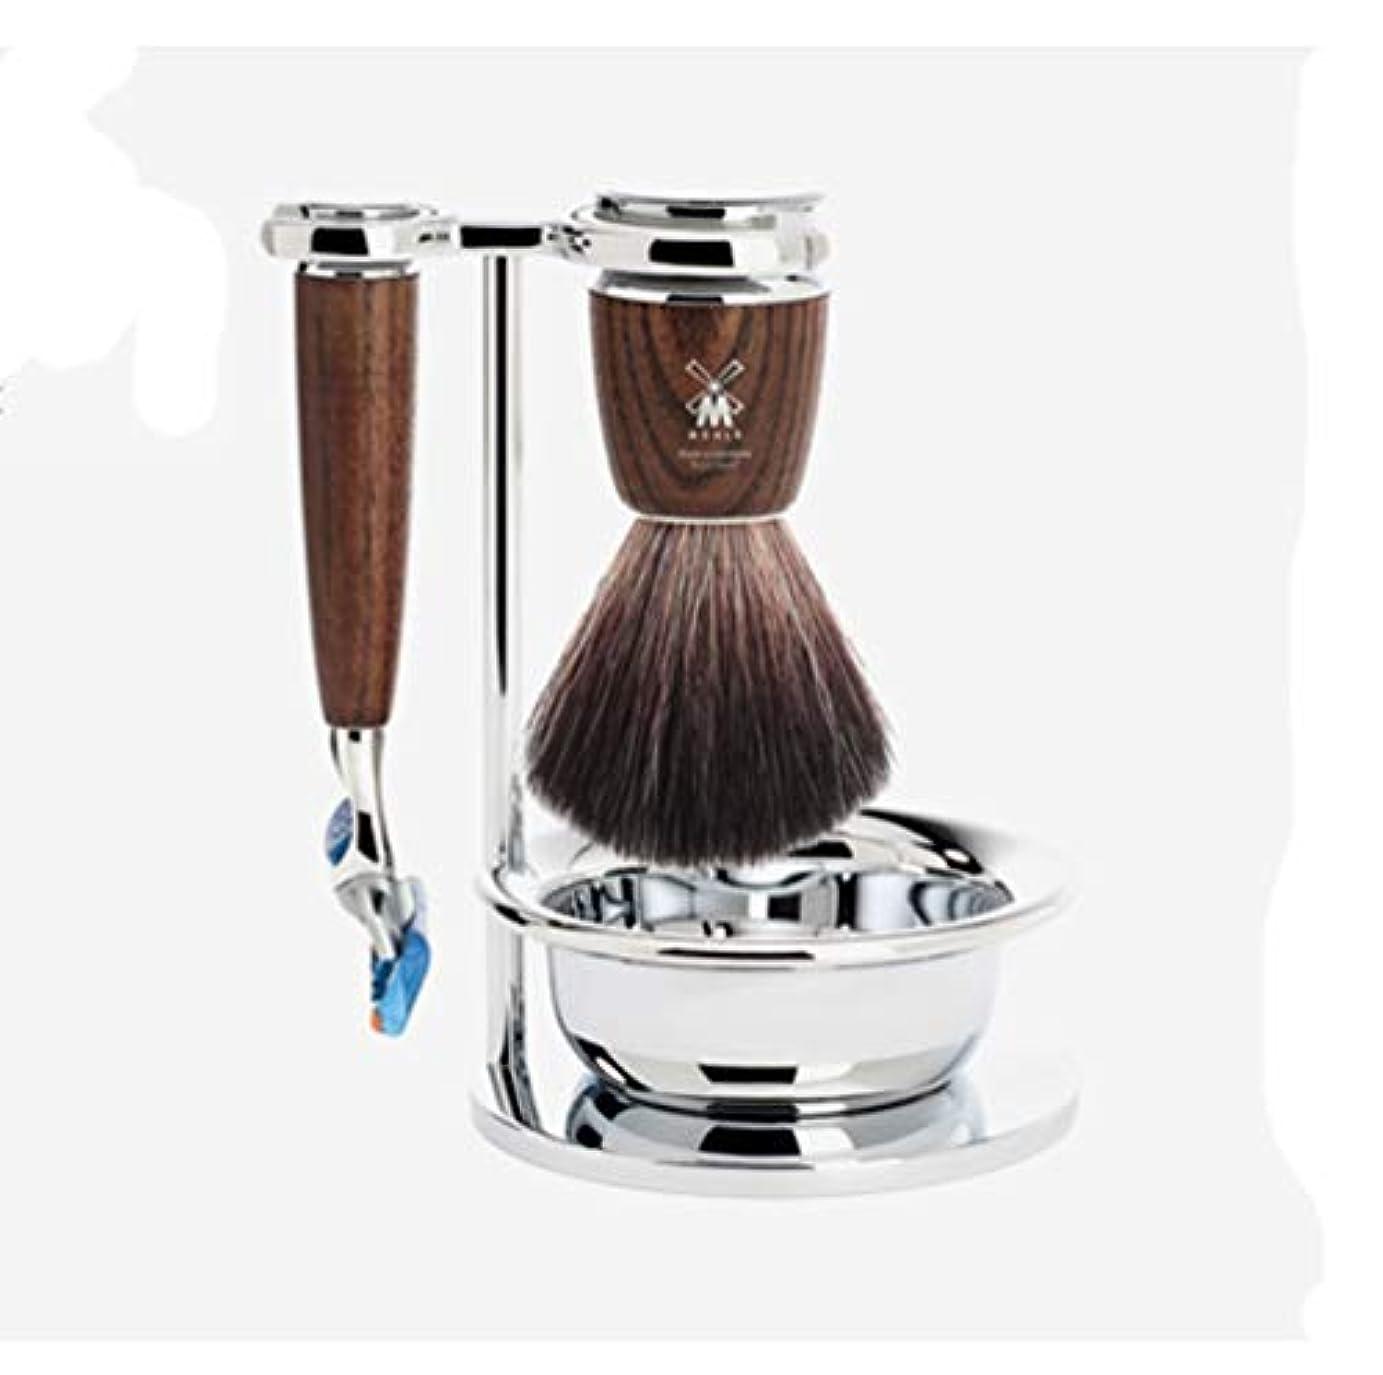 破産未就学他のバンドでMuller Rytmo Shaving Set ミューレ シェービングセットFusion Gilletteの互換性 (かみそり+剃るスタンド+剃毛ボール+シェービングブラシ)(並行輸入品)